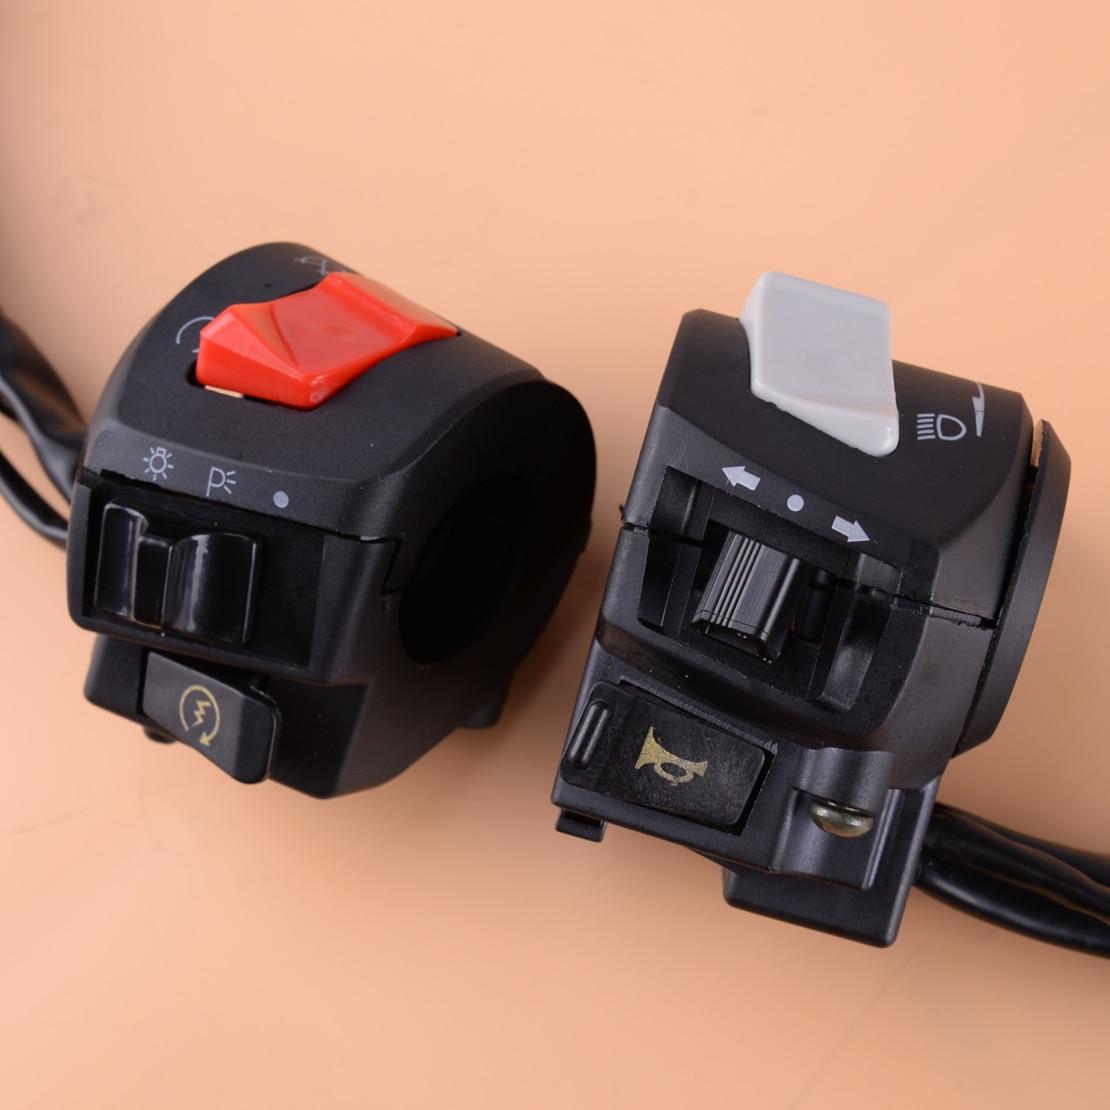 dwcx 7 8 motocicleta guiador chifre sinal de volta farol interruptor partida eletrica esquerda e direita